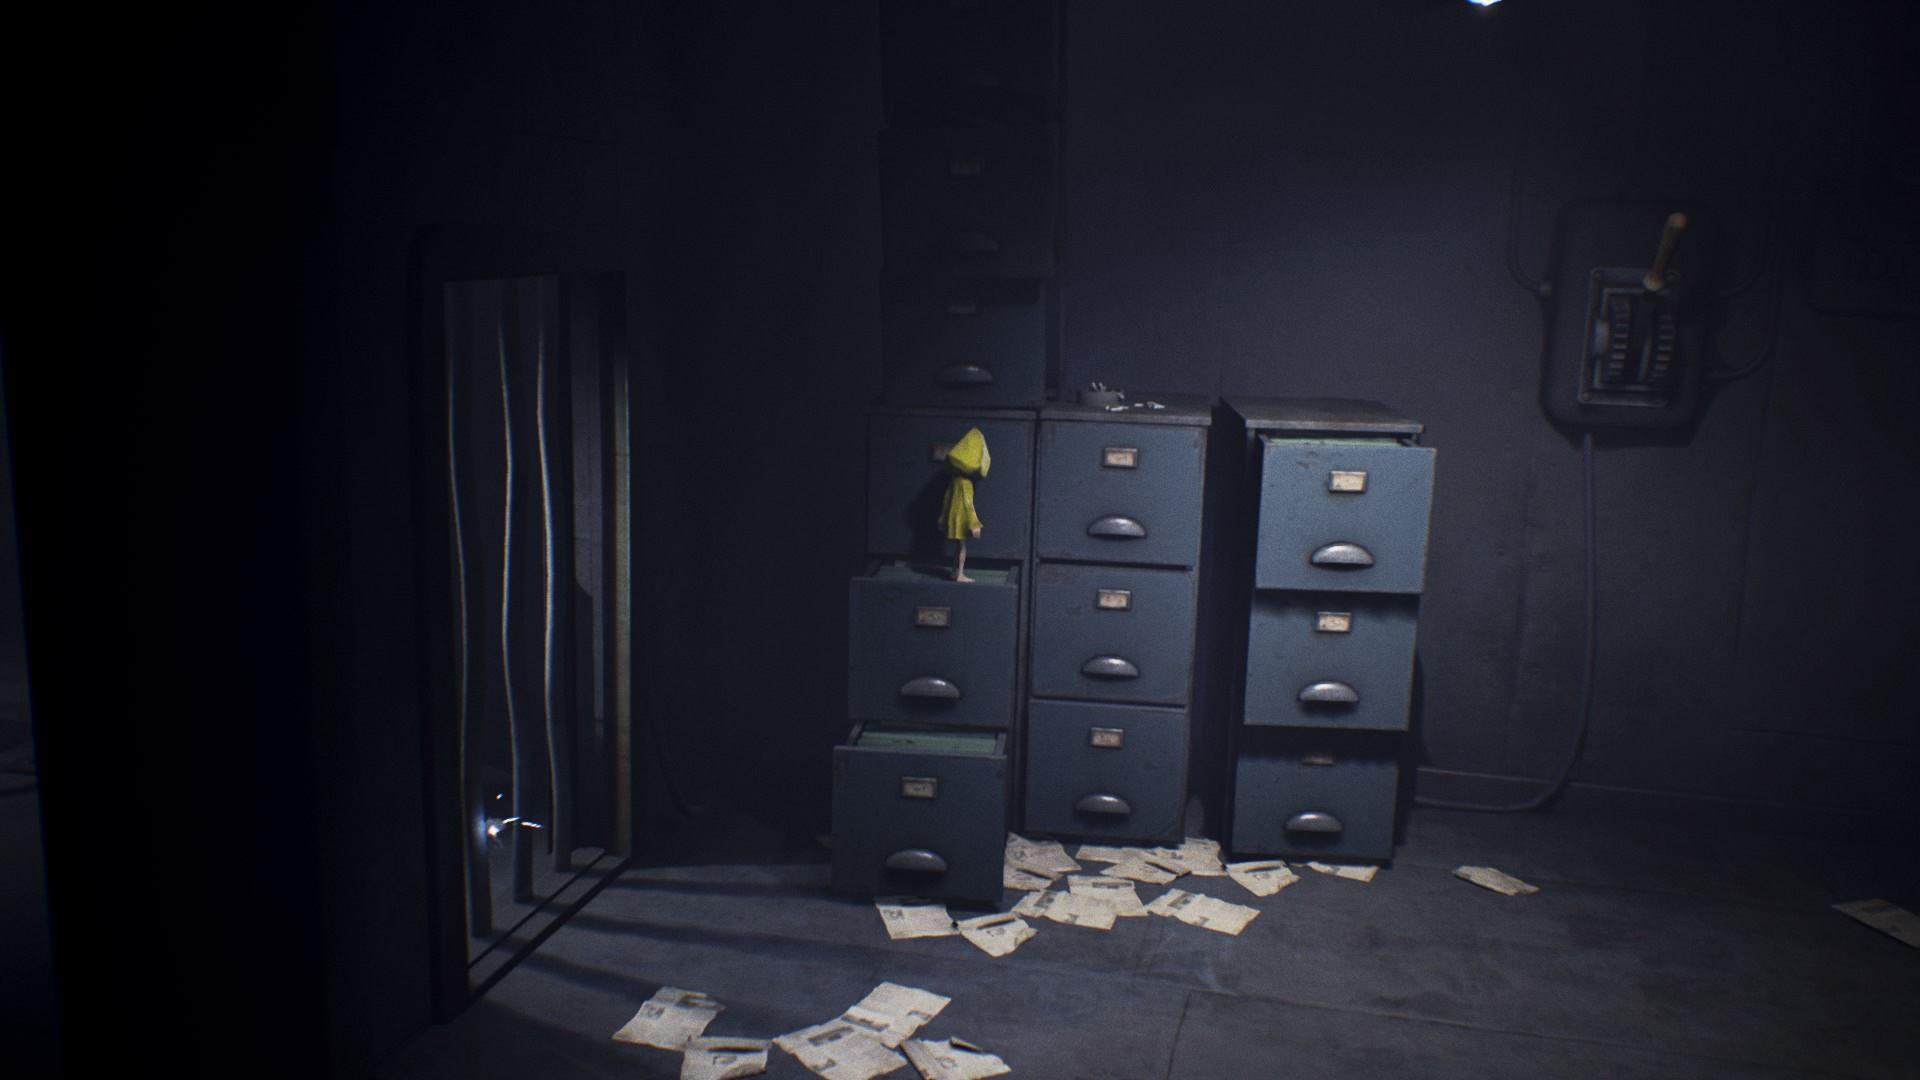 Stwórz z szuflad przejście i wskocz na dźwignię - Przejście przez kratę pod napięciem | The Prison - Little Nightmares - poradnik do gry